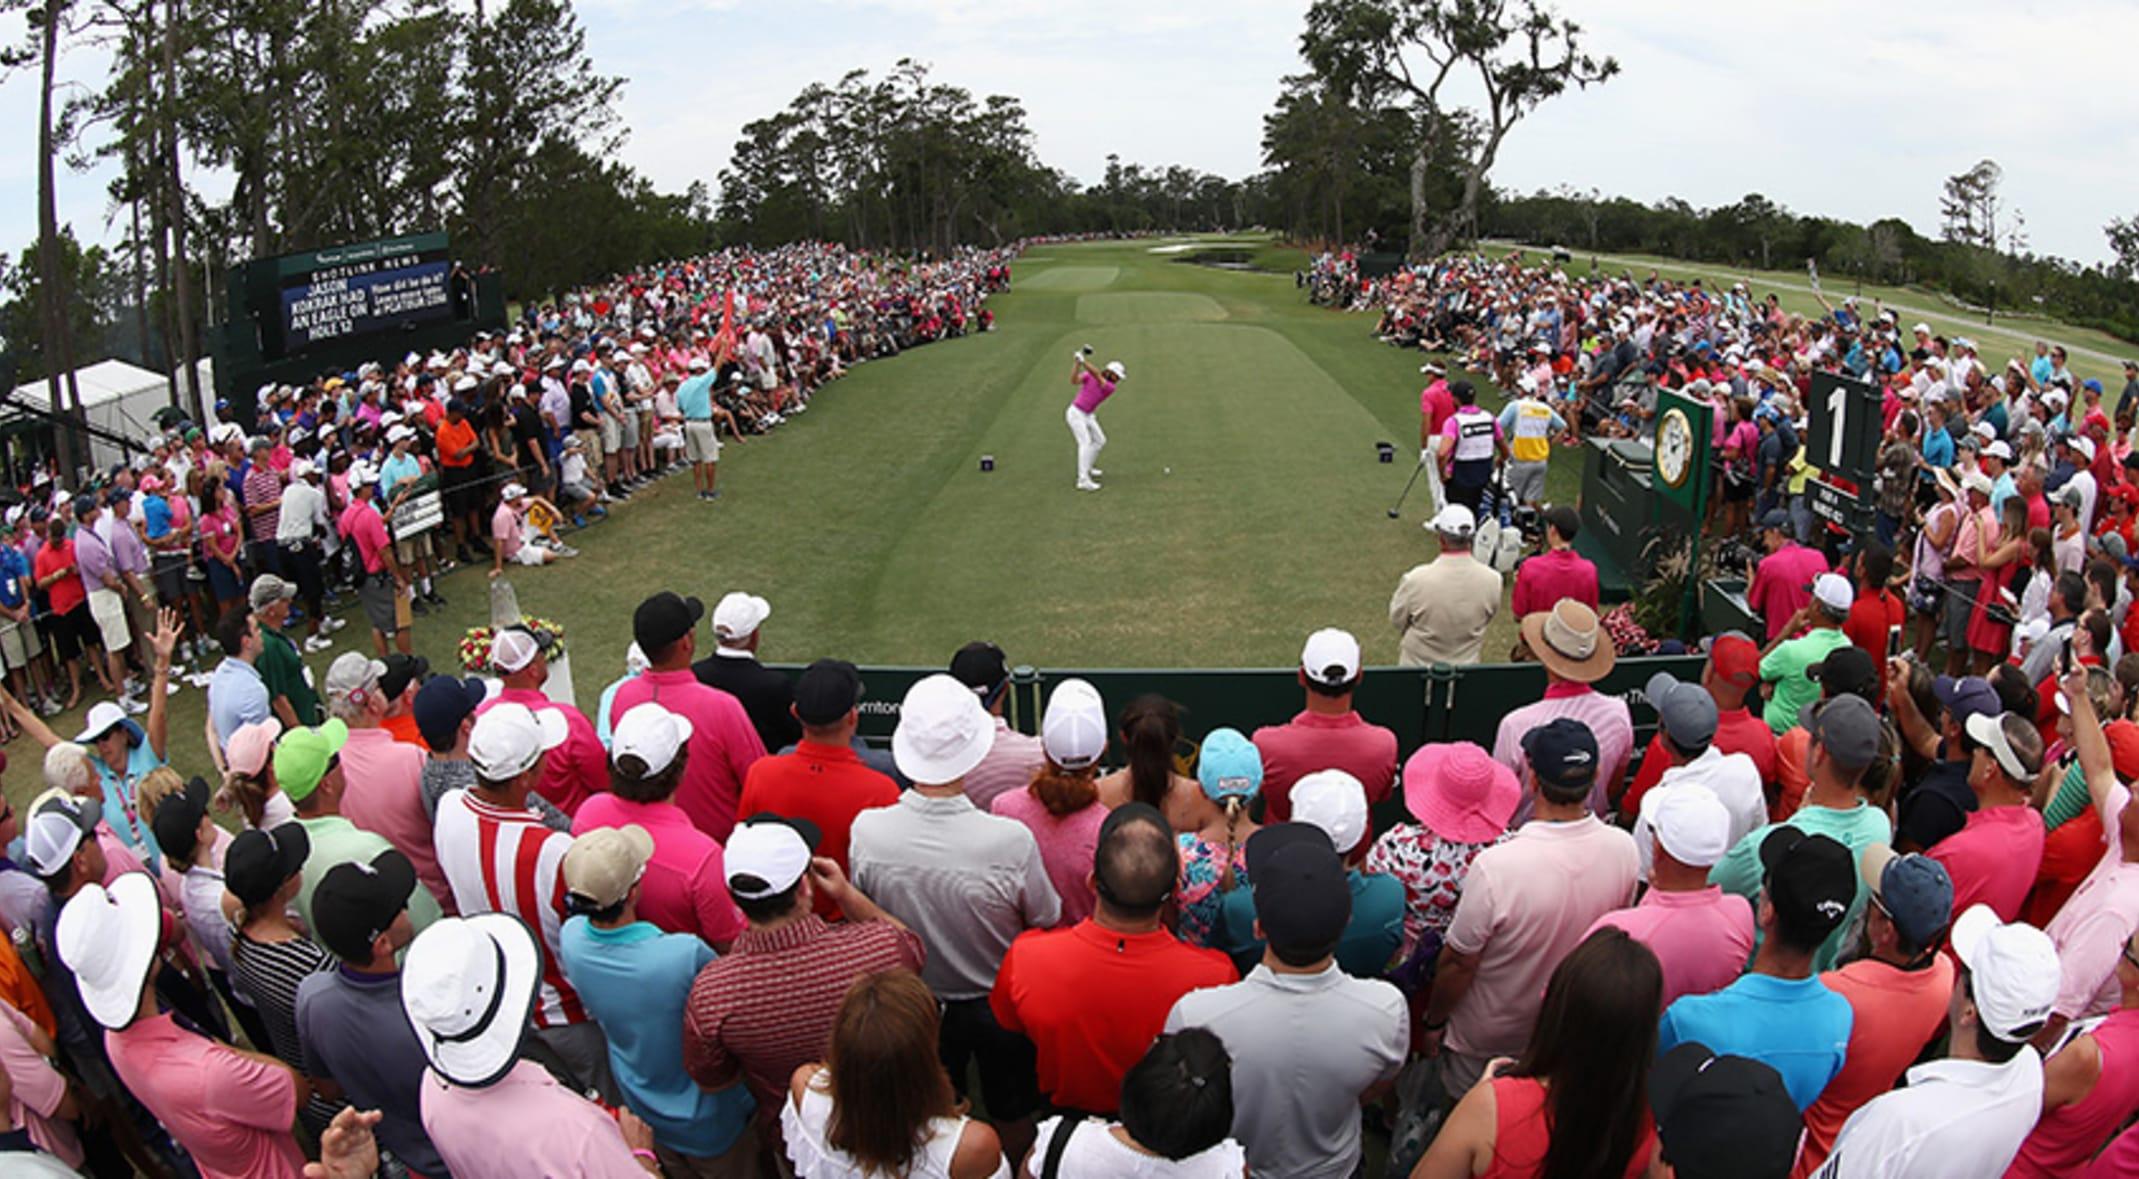 PGA TOUR, NBC Sports Group announce strategic OTT partnership